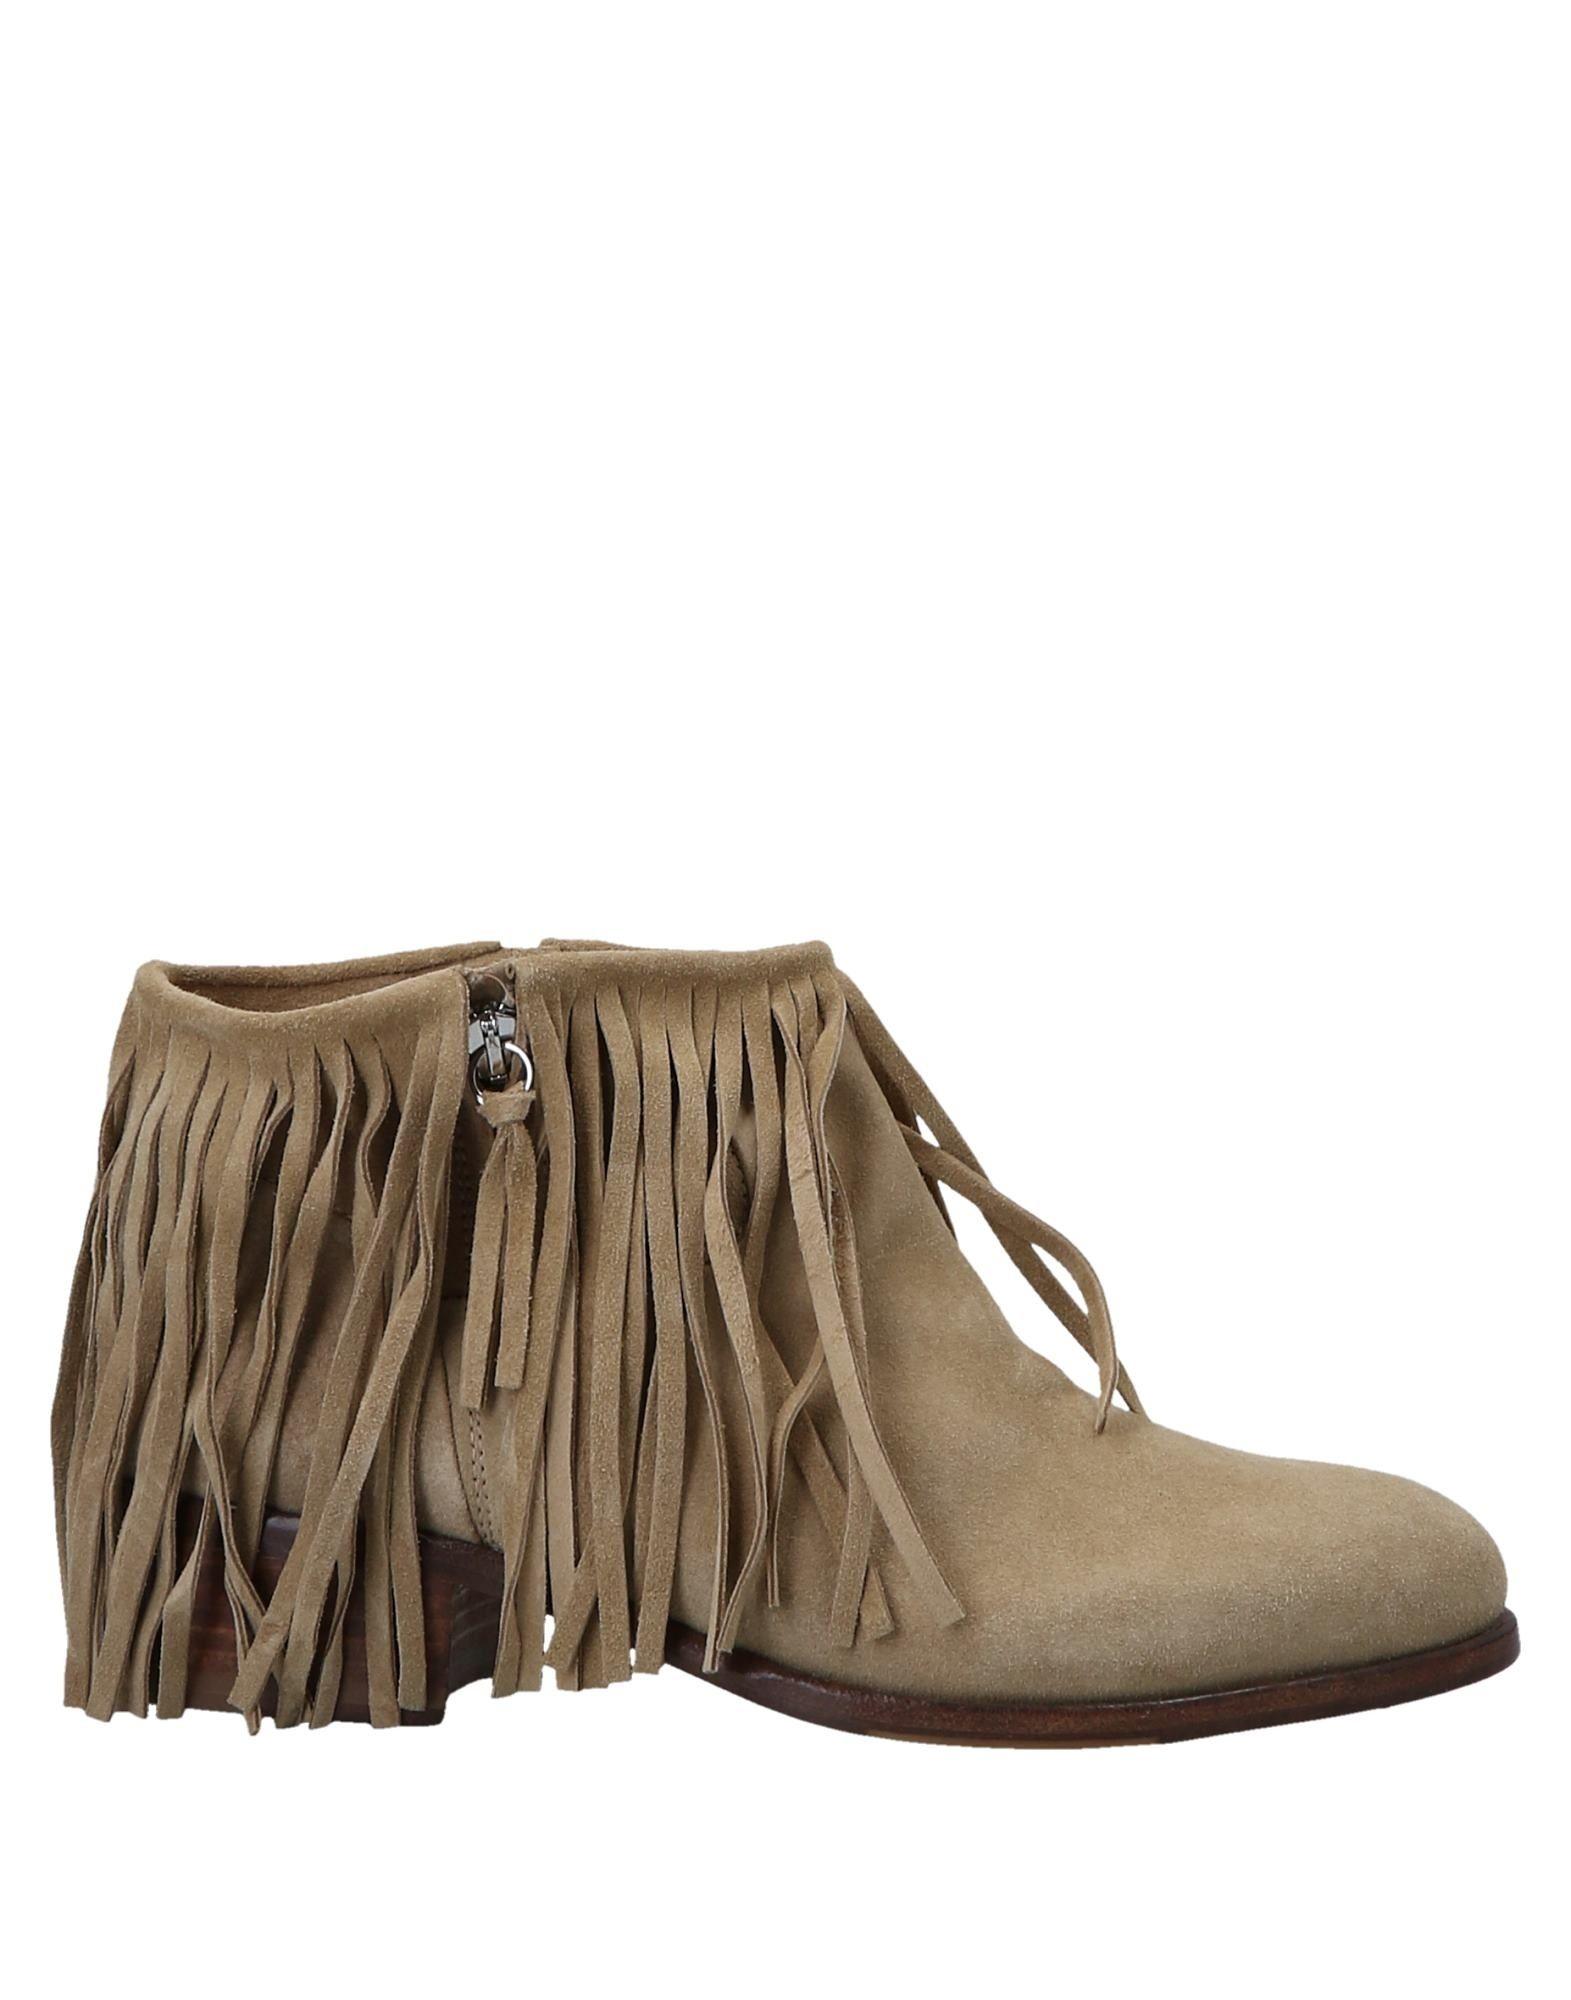 El Campero Stiefelette Damen  11543512LRGut aussehende strapazierfähige Schuhe